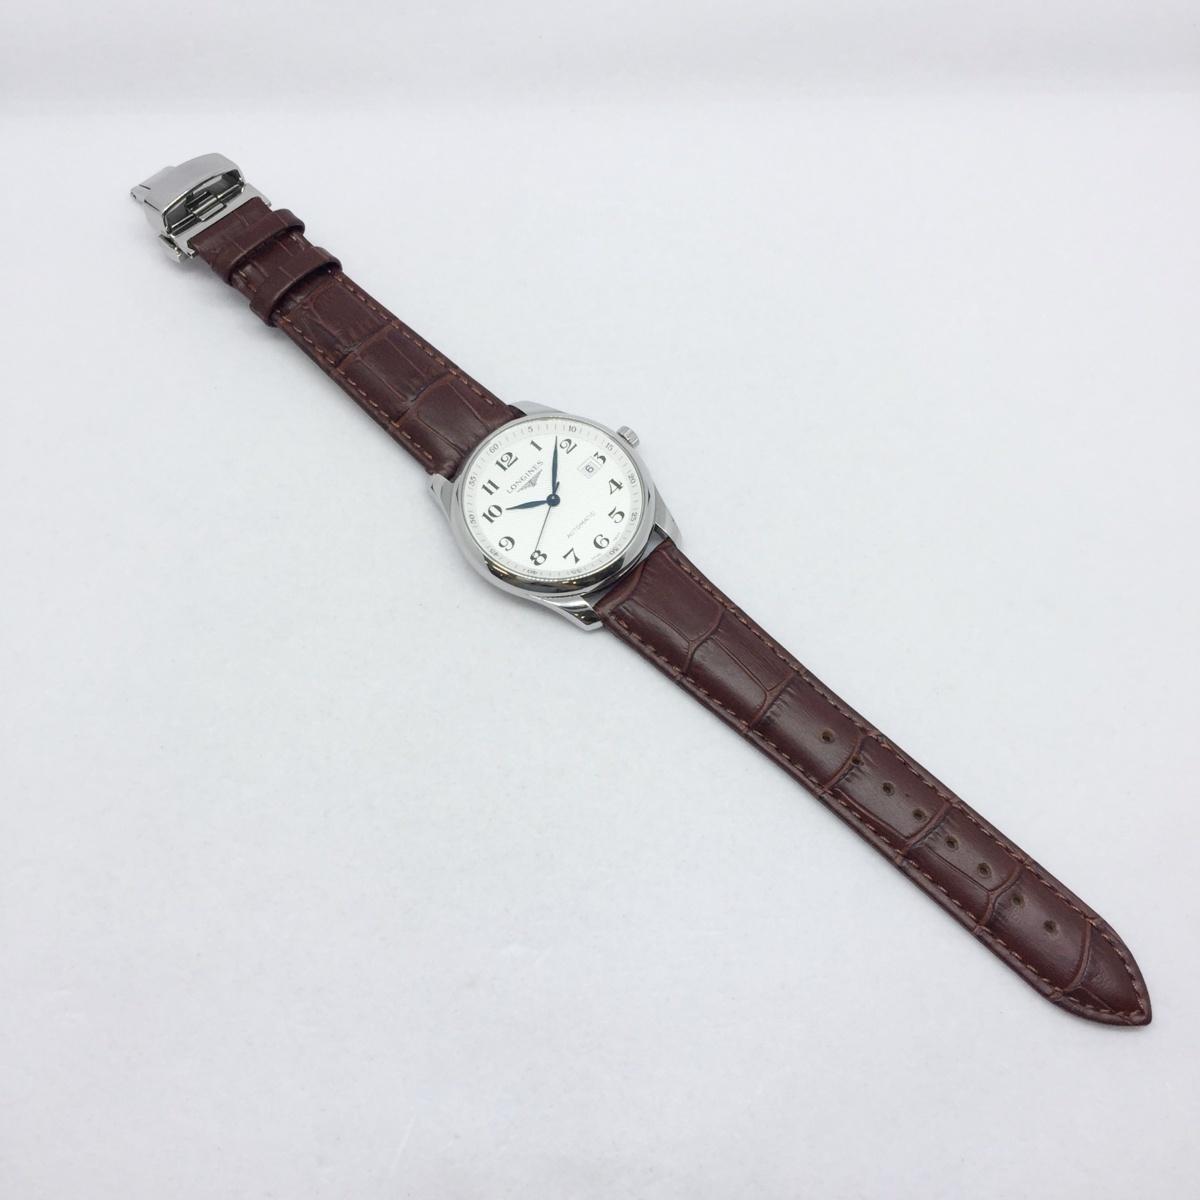 9-3525 【美品・新品社外ベルト】 ロンジン 腕時計 マスターコレクション L2.793.4.78.3 自動巻き デイト メンズ 純正革ベルト付属_画像3